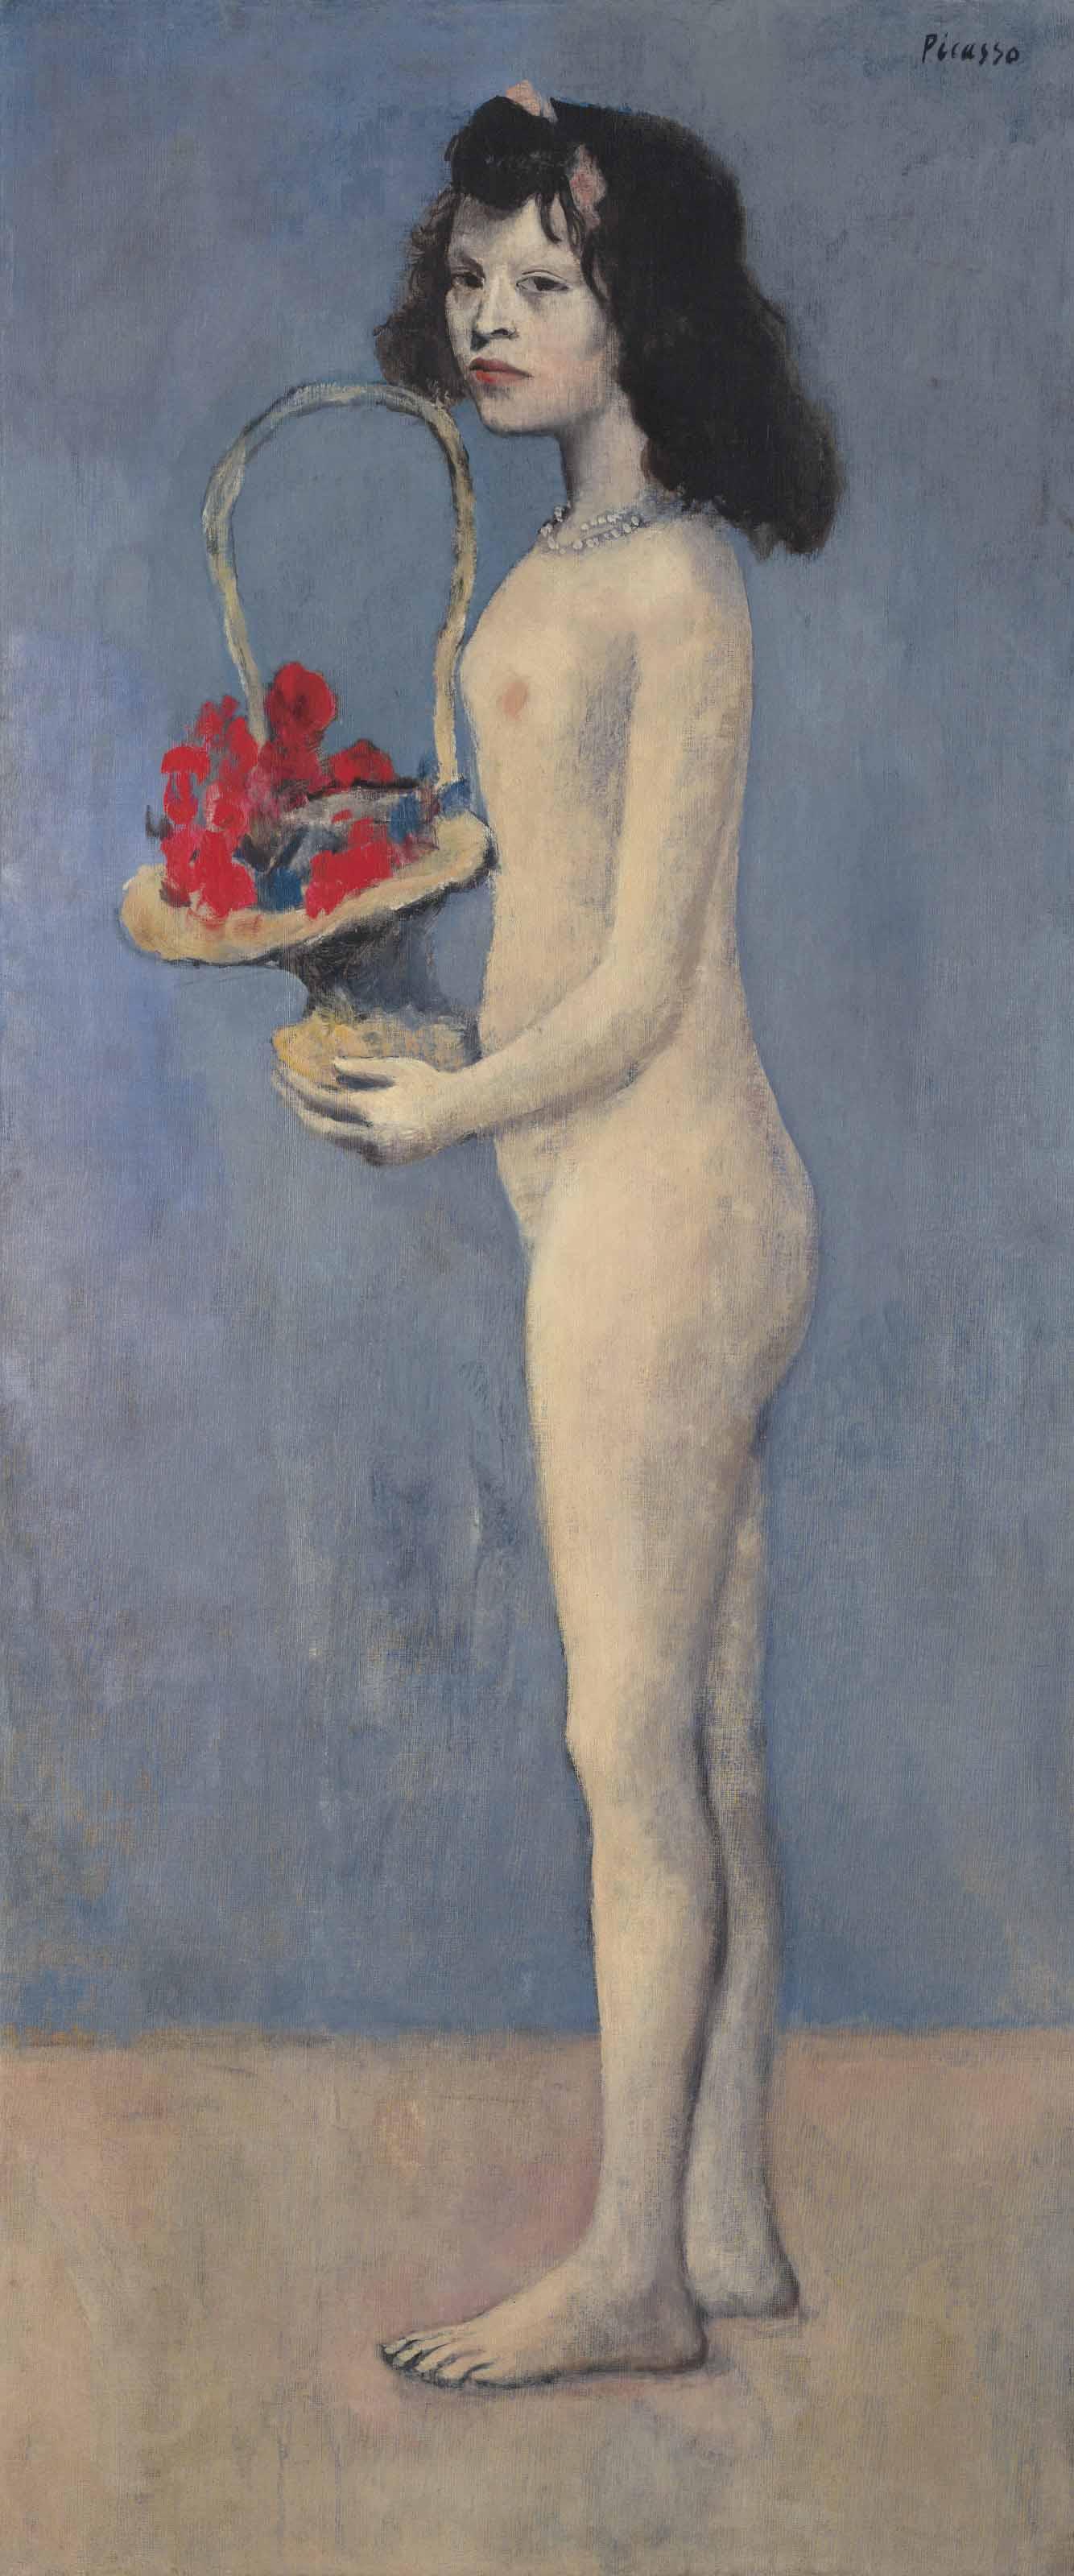 """Pablo Picasso, """"Fillette à la corbeille fleurie"""" (1905)."""